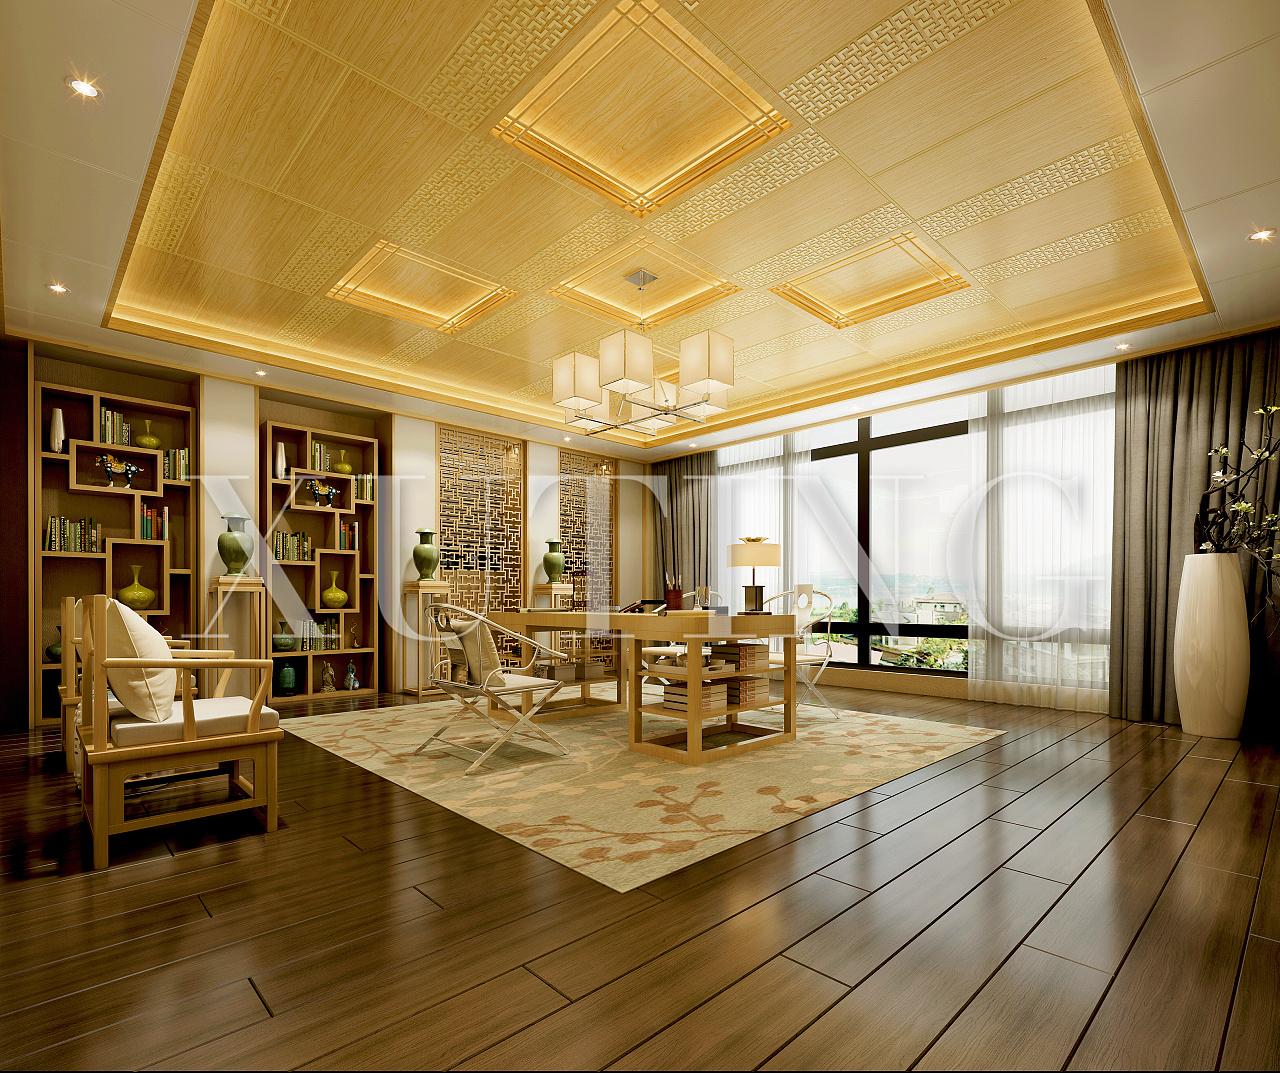 新中式风格室内设计作品